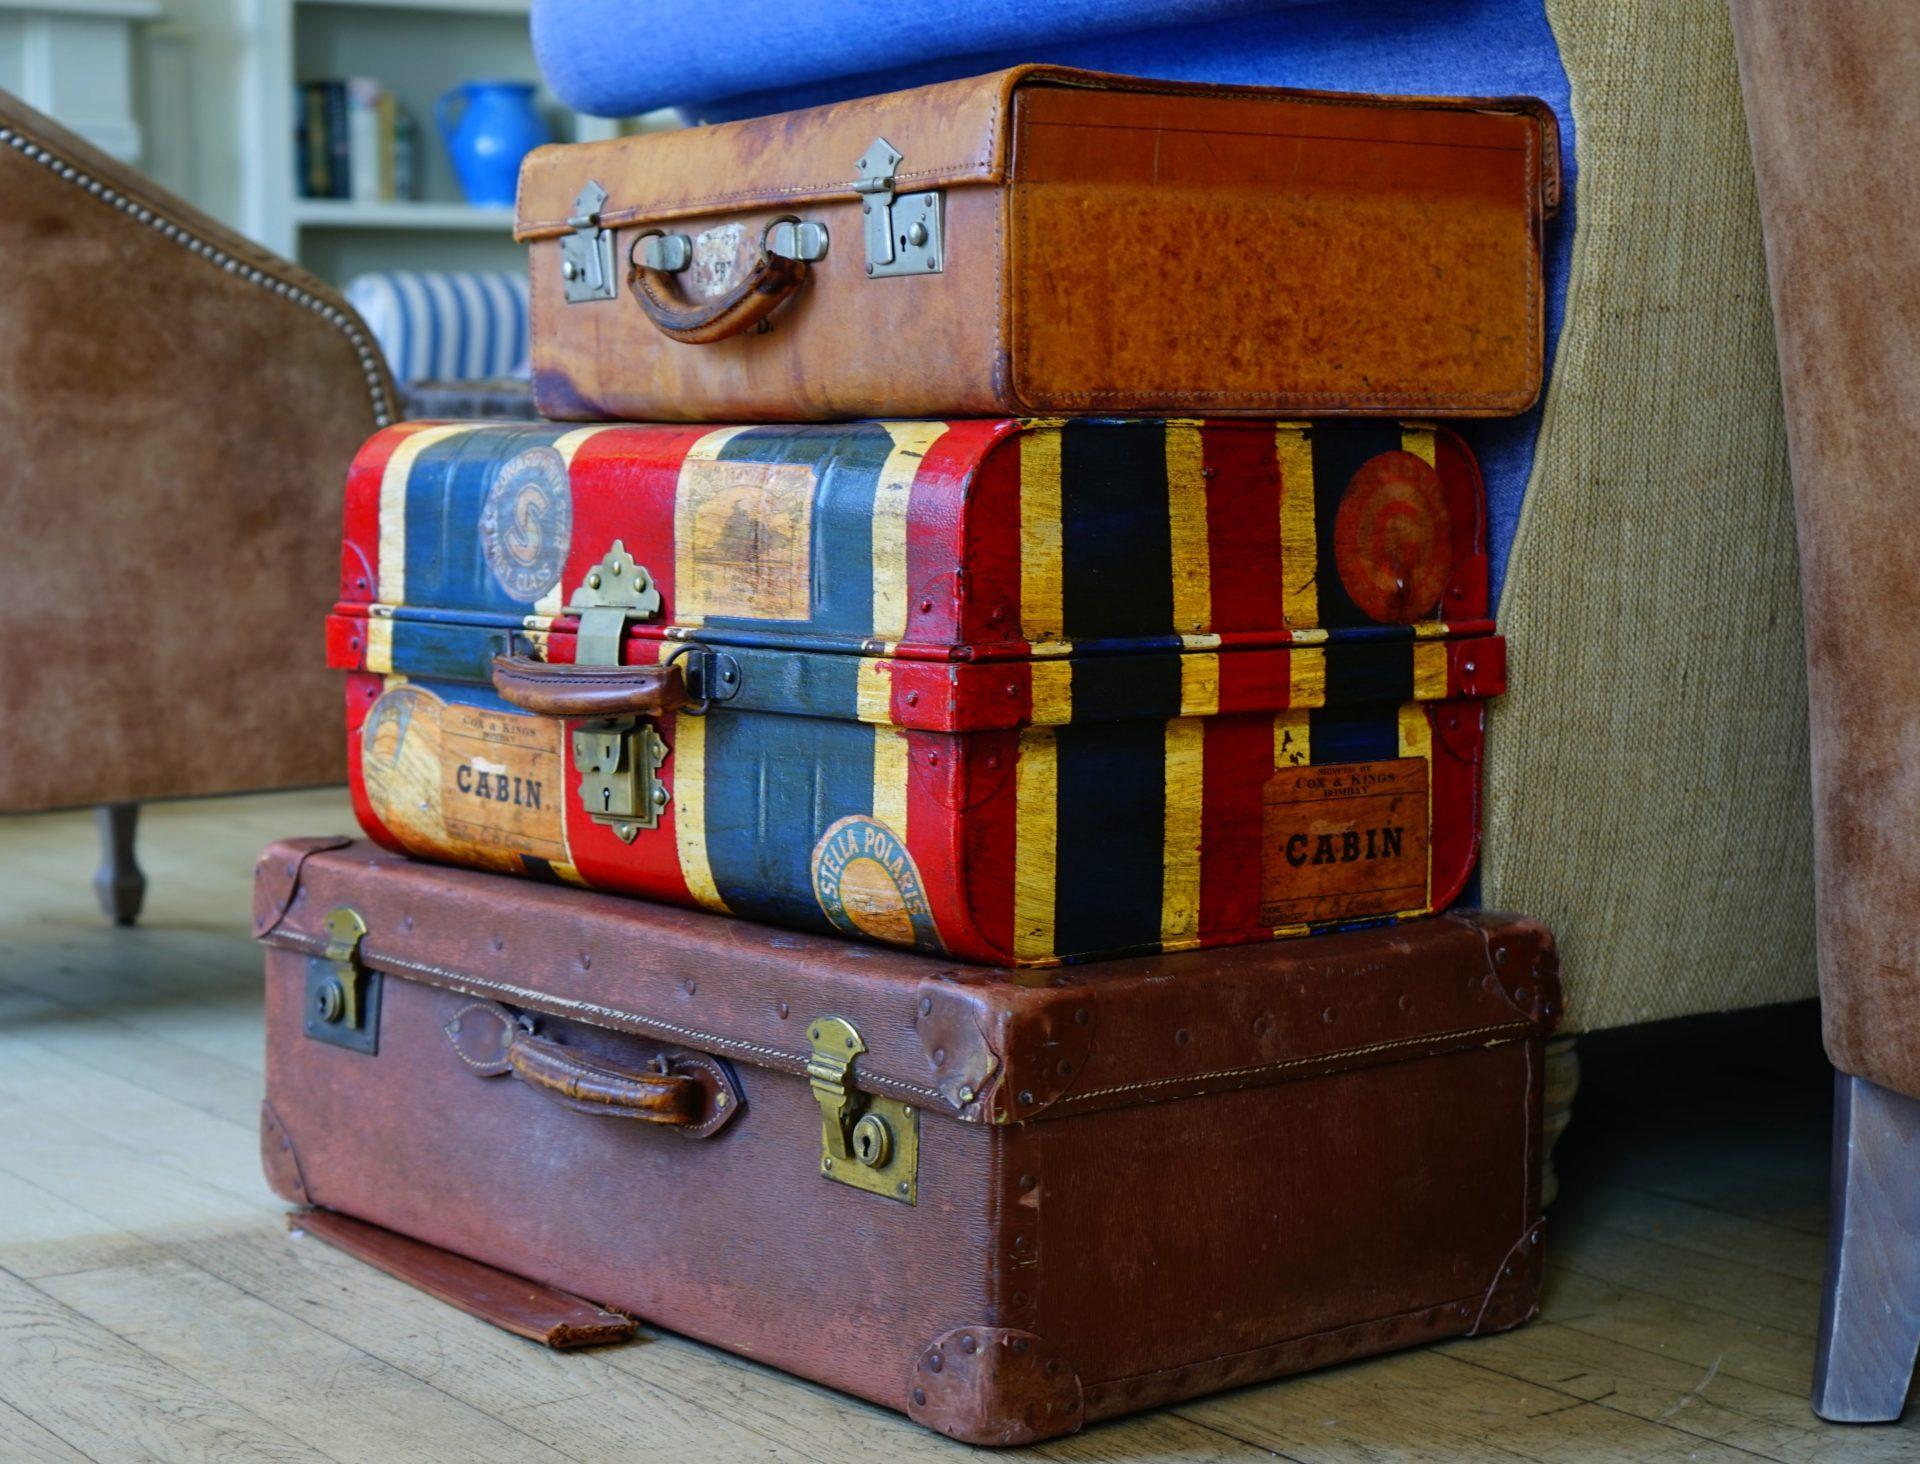 luggage-1436515-e1470147715533